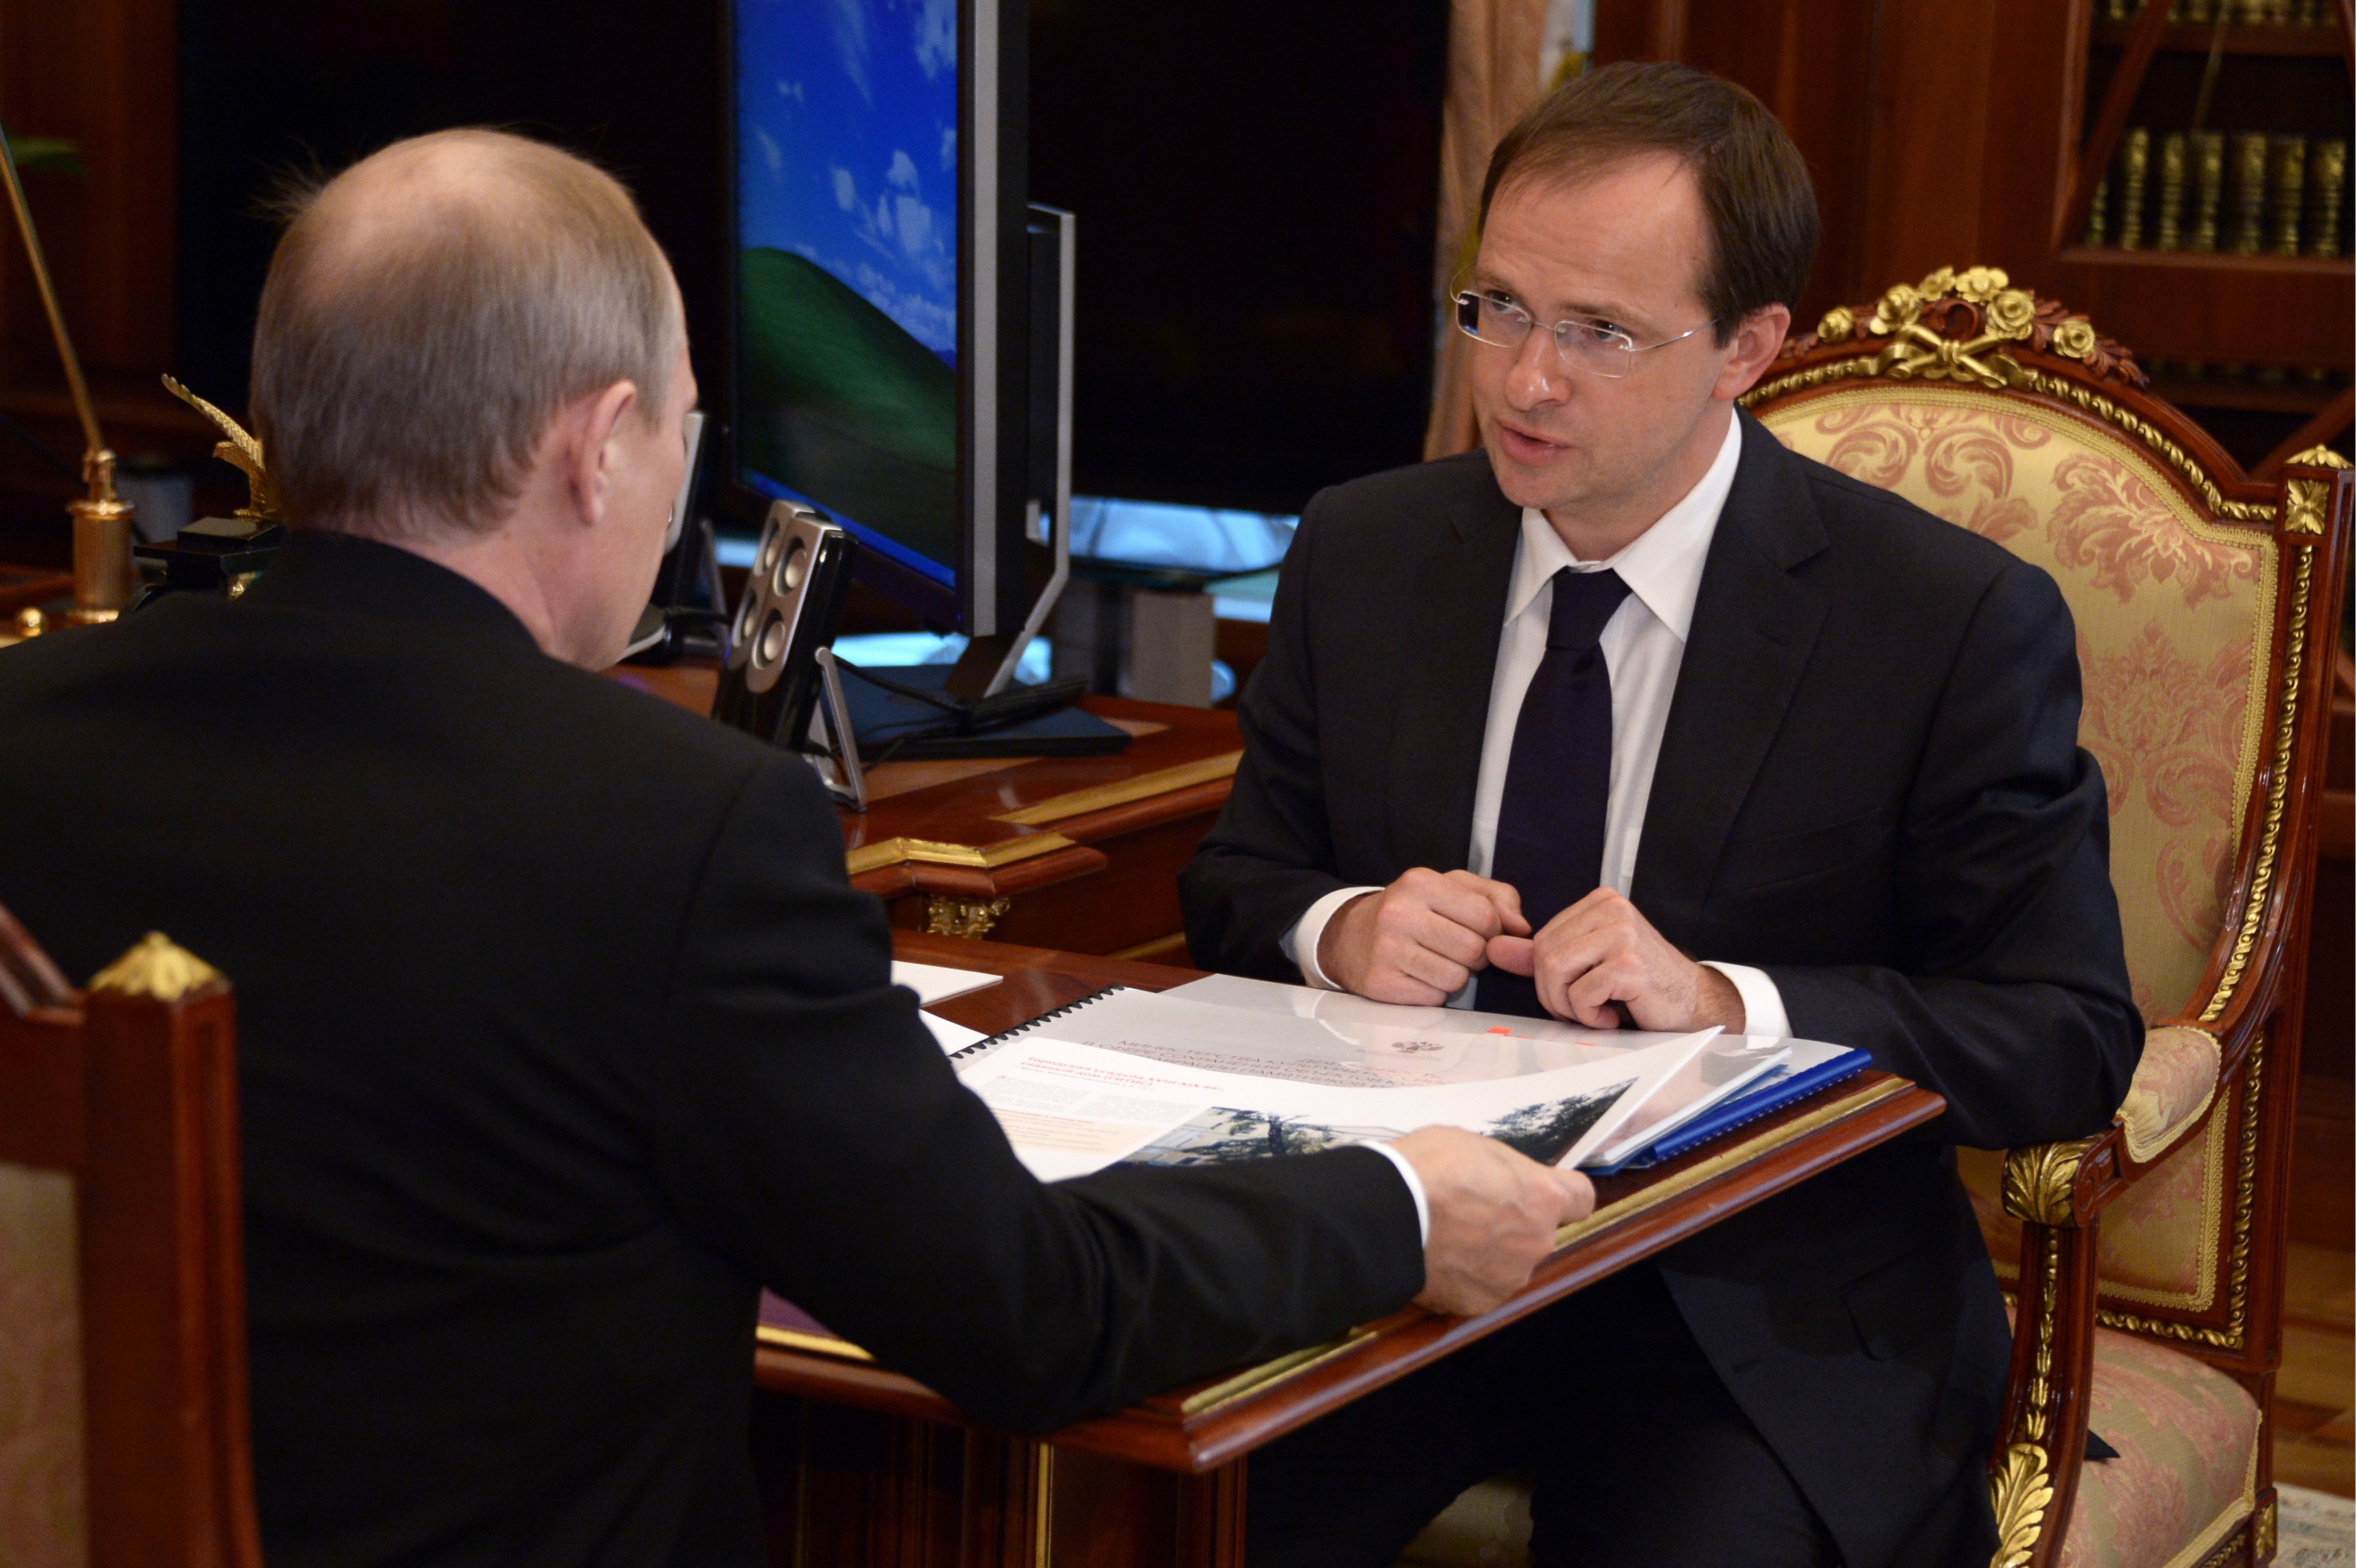 Президент России Владимир Путин и министр культуры РФ Владимир Мединский во время встречи